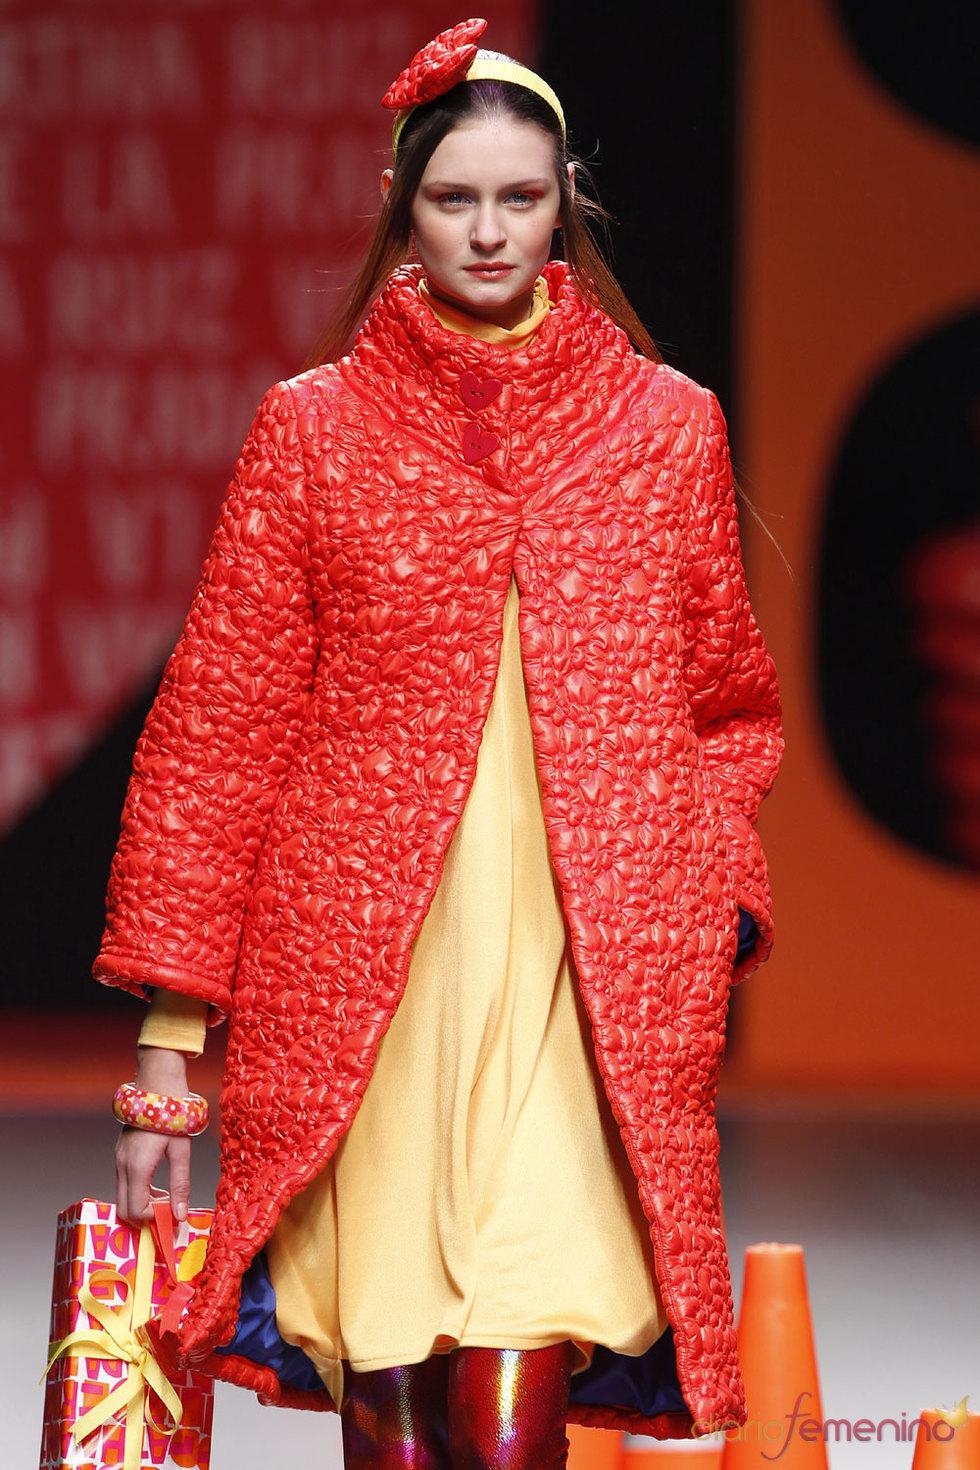 Moda 2010 Otoño Invierno - Ágatha Ruíz de la Prada